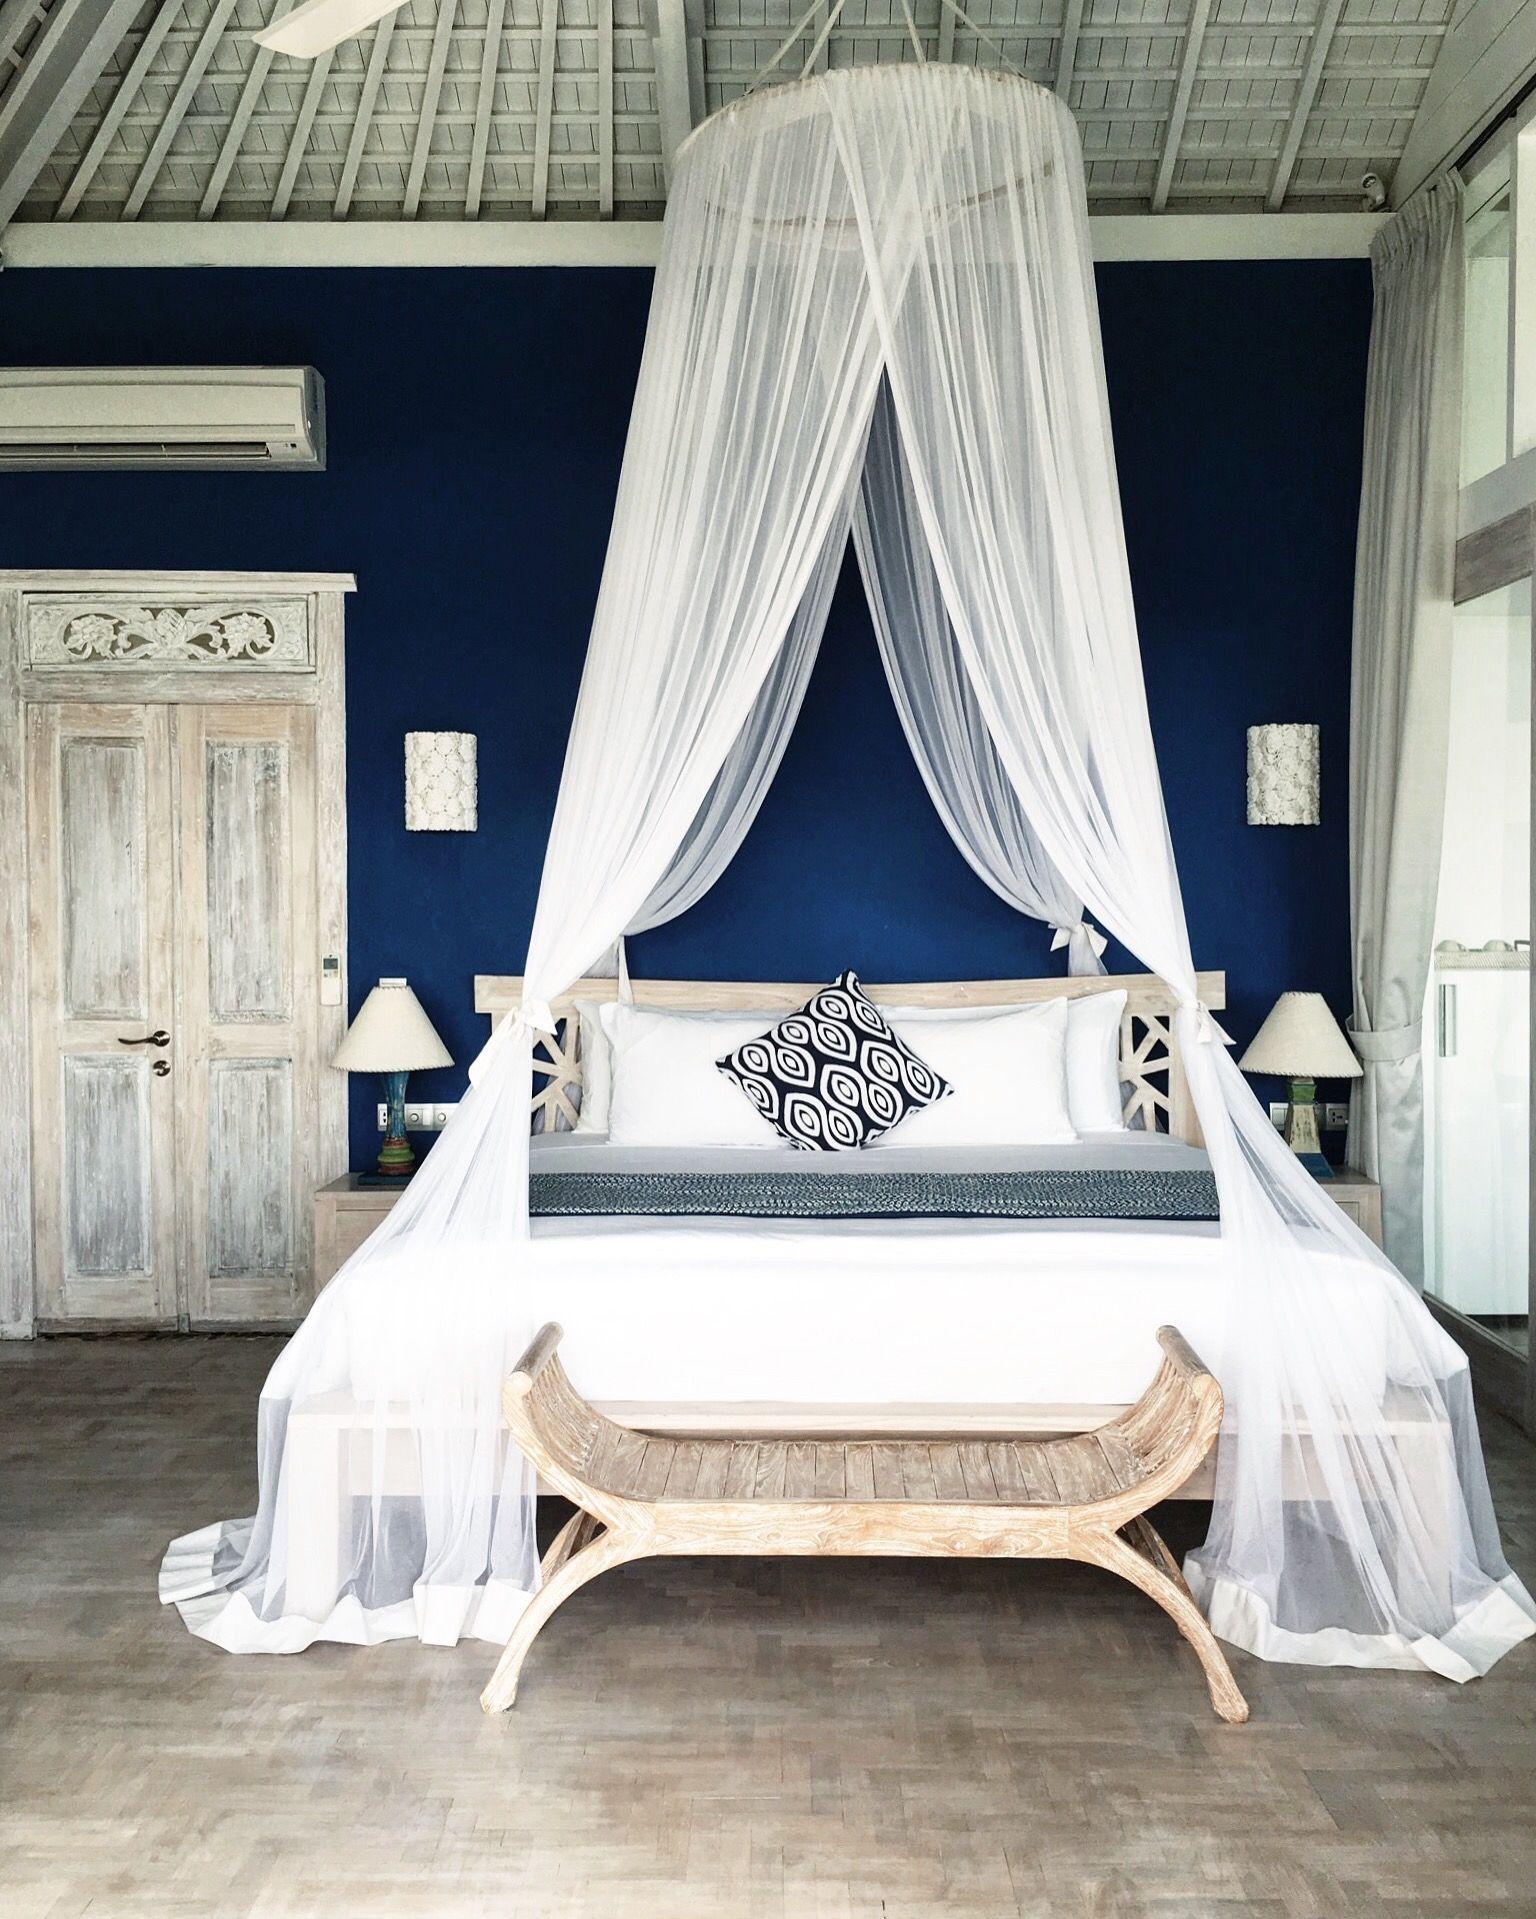 Bedroom Goals at Hidden Hills Villa Uluwatu Bali PC - GypsyLovinLight & Bedroom Goals at Hidden Hills Villa Uluwatu Bali PC ...